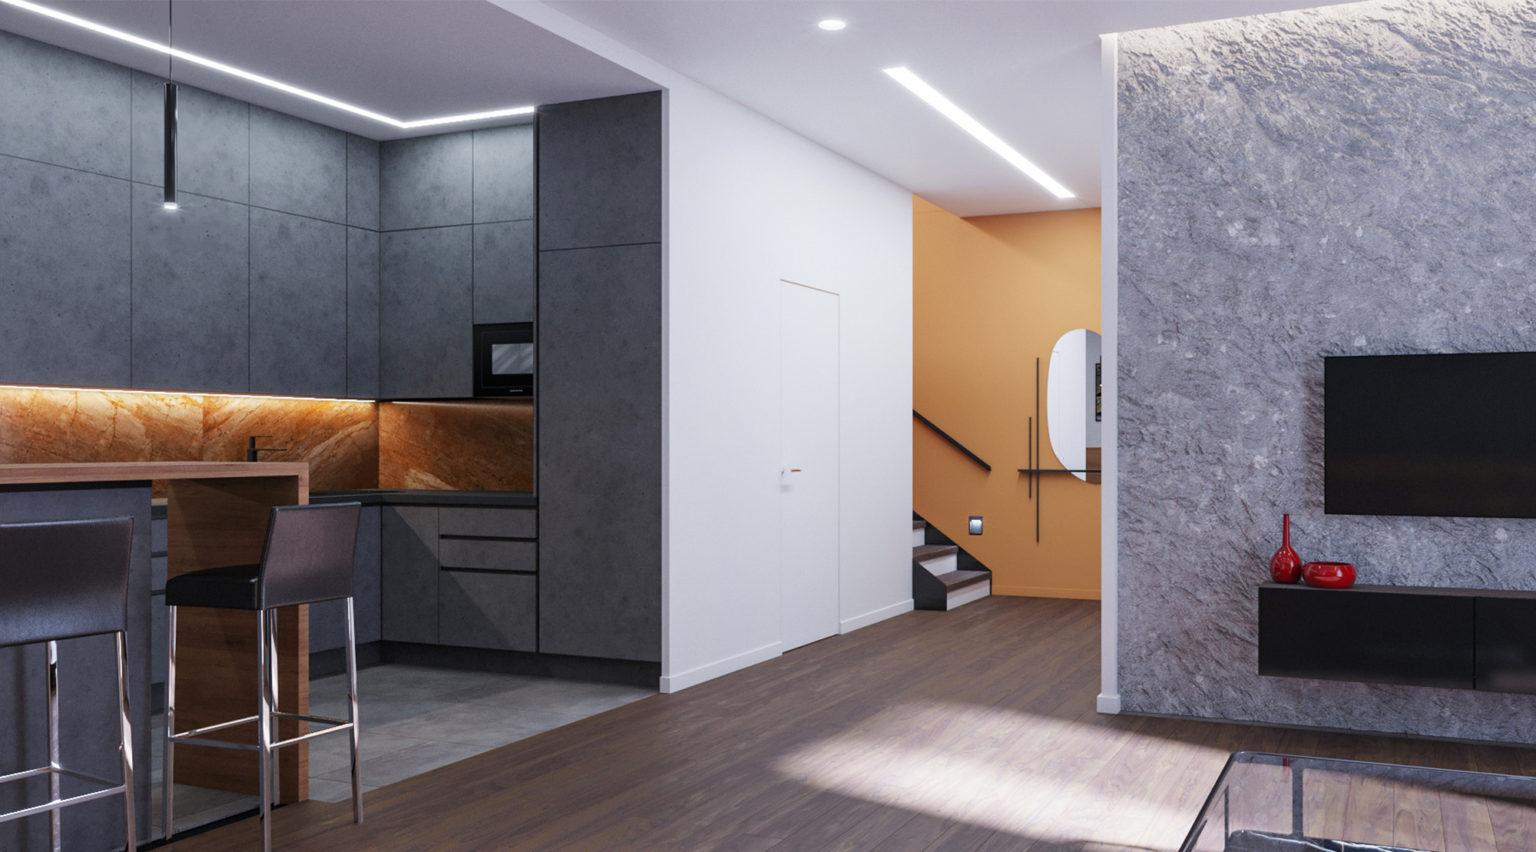 дизайн-проект интерьера таунхауса кухня-гостиная